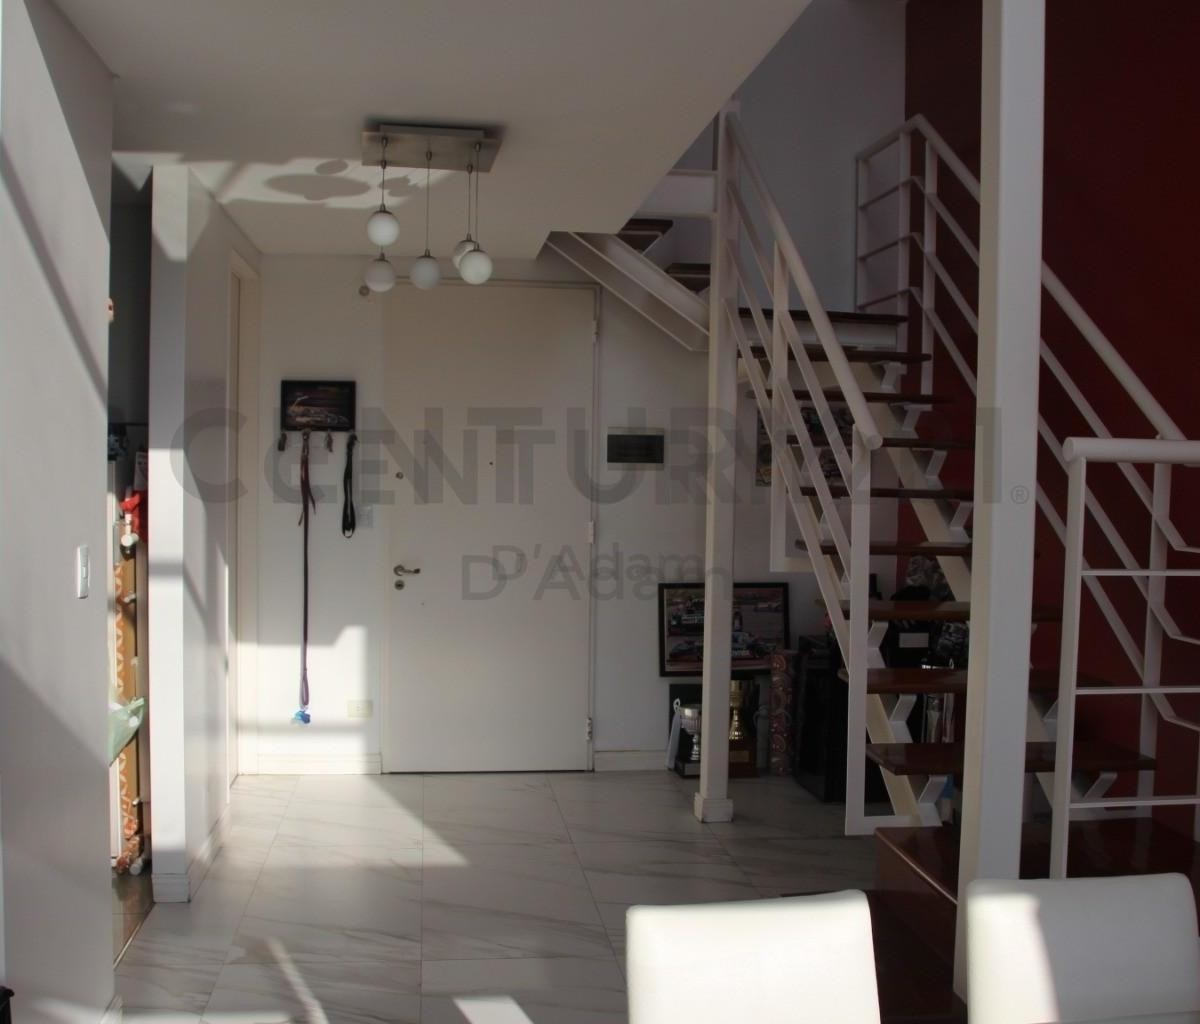 venta departamento 2 ambientes complejo moca barracas